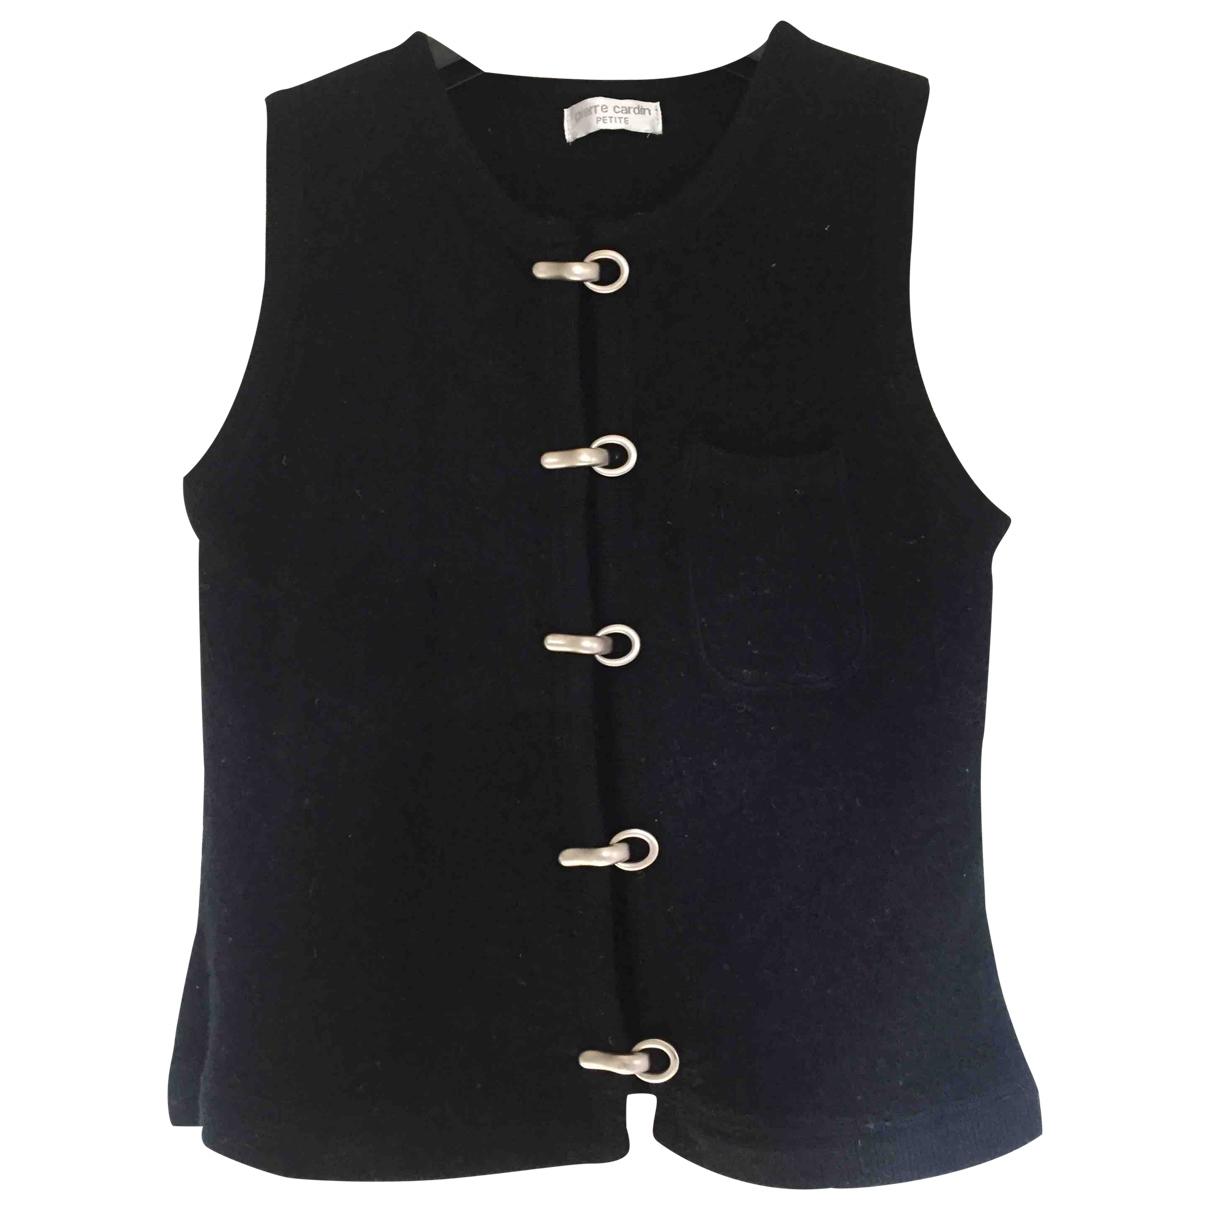 Pierre Cardin \N Black Wool jacket for Women S International